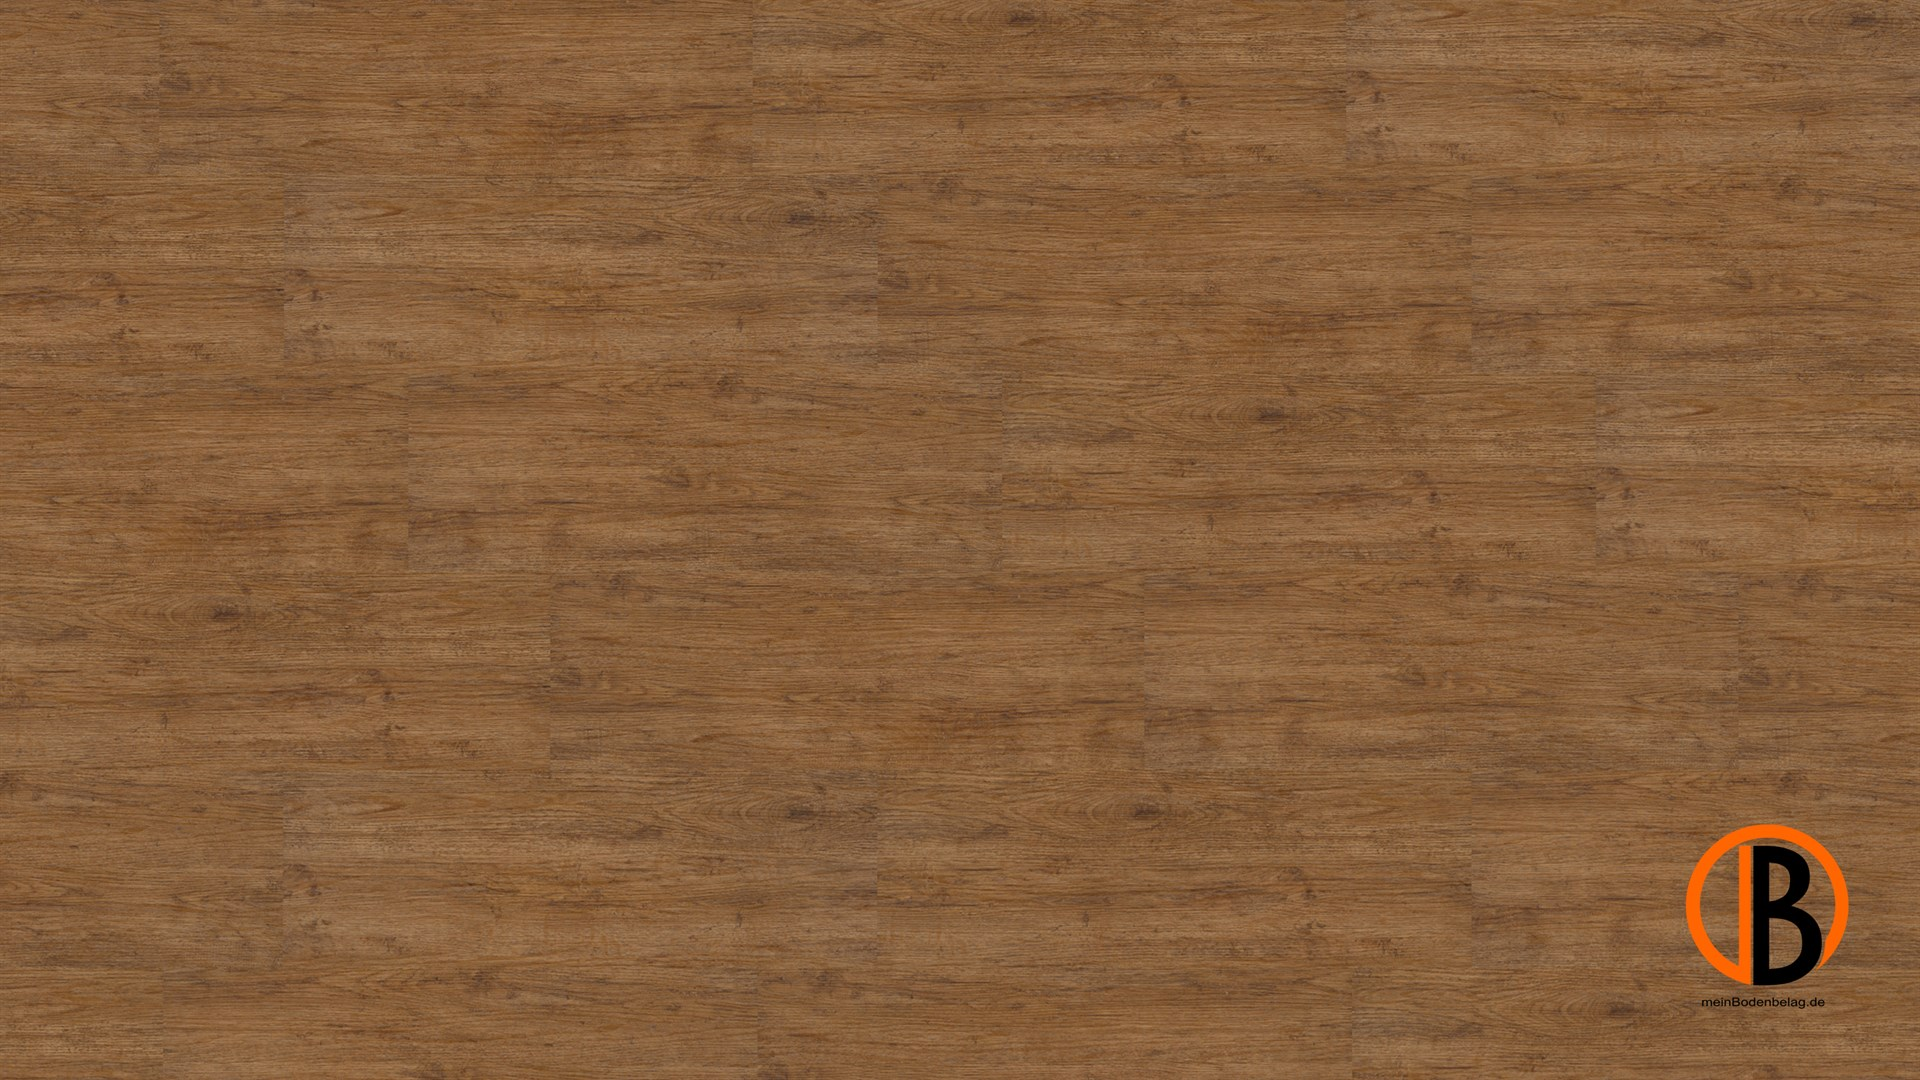 CINQUE KWG DESIGNERVINYL ANTIGUA CLASSIC HDF | 10000107;0 | Bild 1